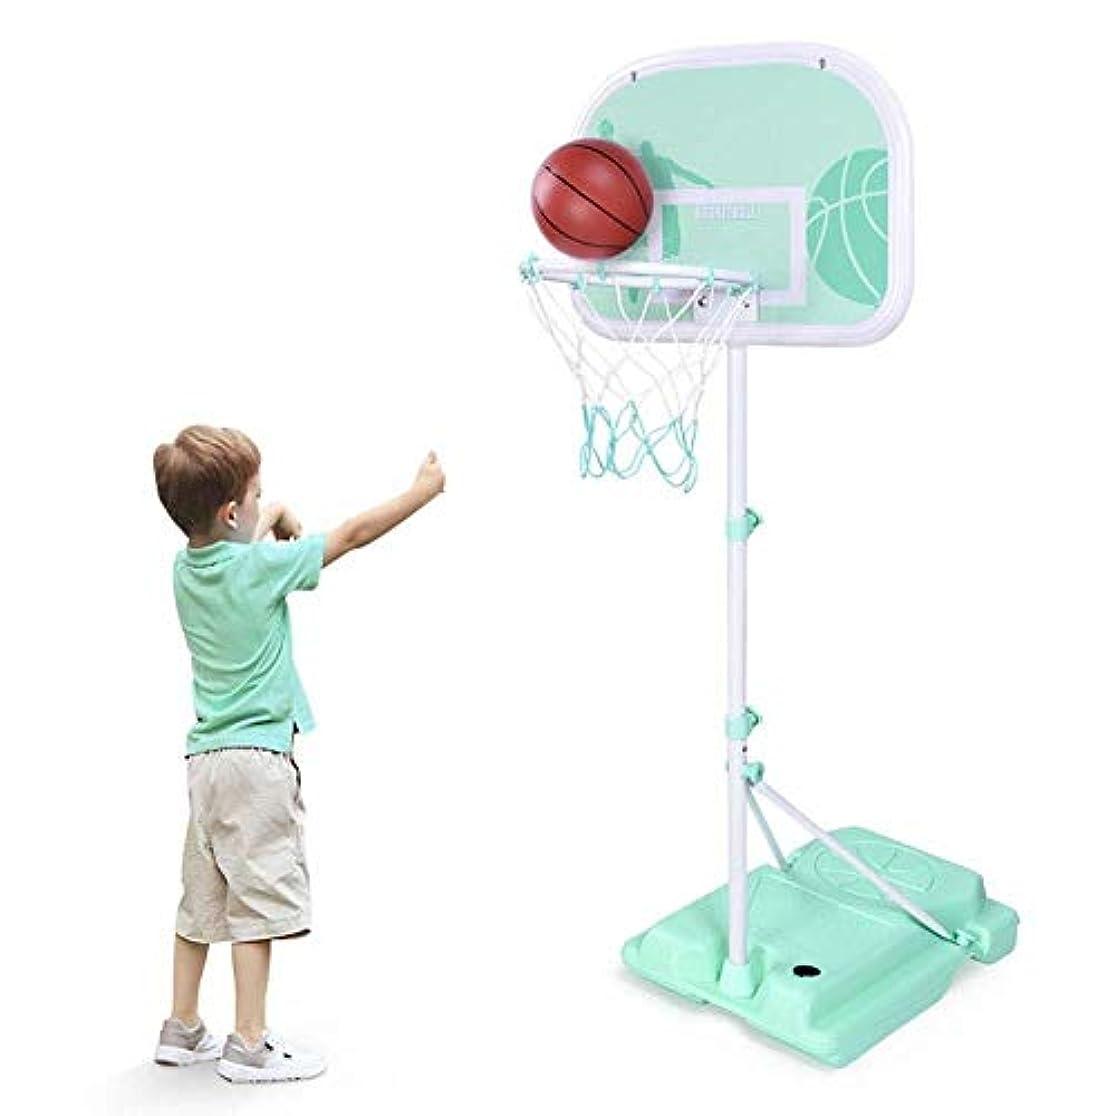 小屋政権五バスケットボールスタンド ボールを持つ子供のバスケットボールフープ、ブルーキッズバスケットボールは、幼児の少年少女のための地下スポーツスタンド、高さ調節可能 高さ調節可能なバスケットボールスタンド (Size : L-2.1m)